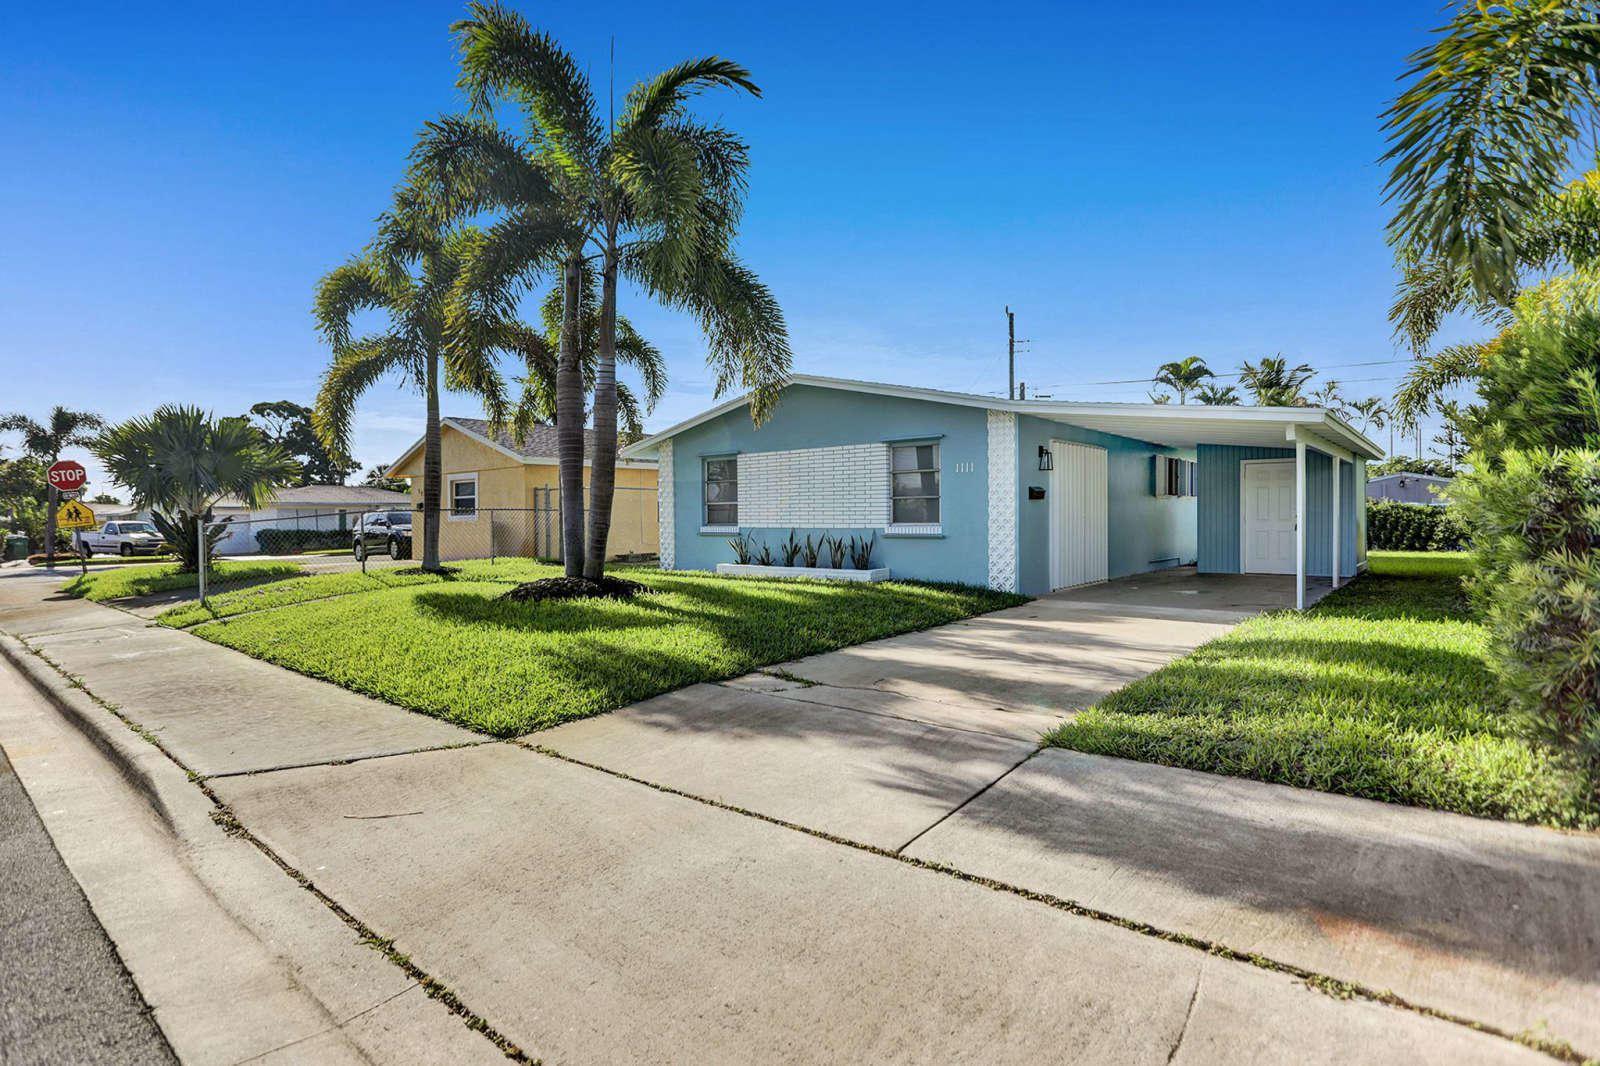 Photo of 1111 W 4th Street, Riviera Beach, FL 33404 (MLS # RX-10654209)